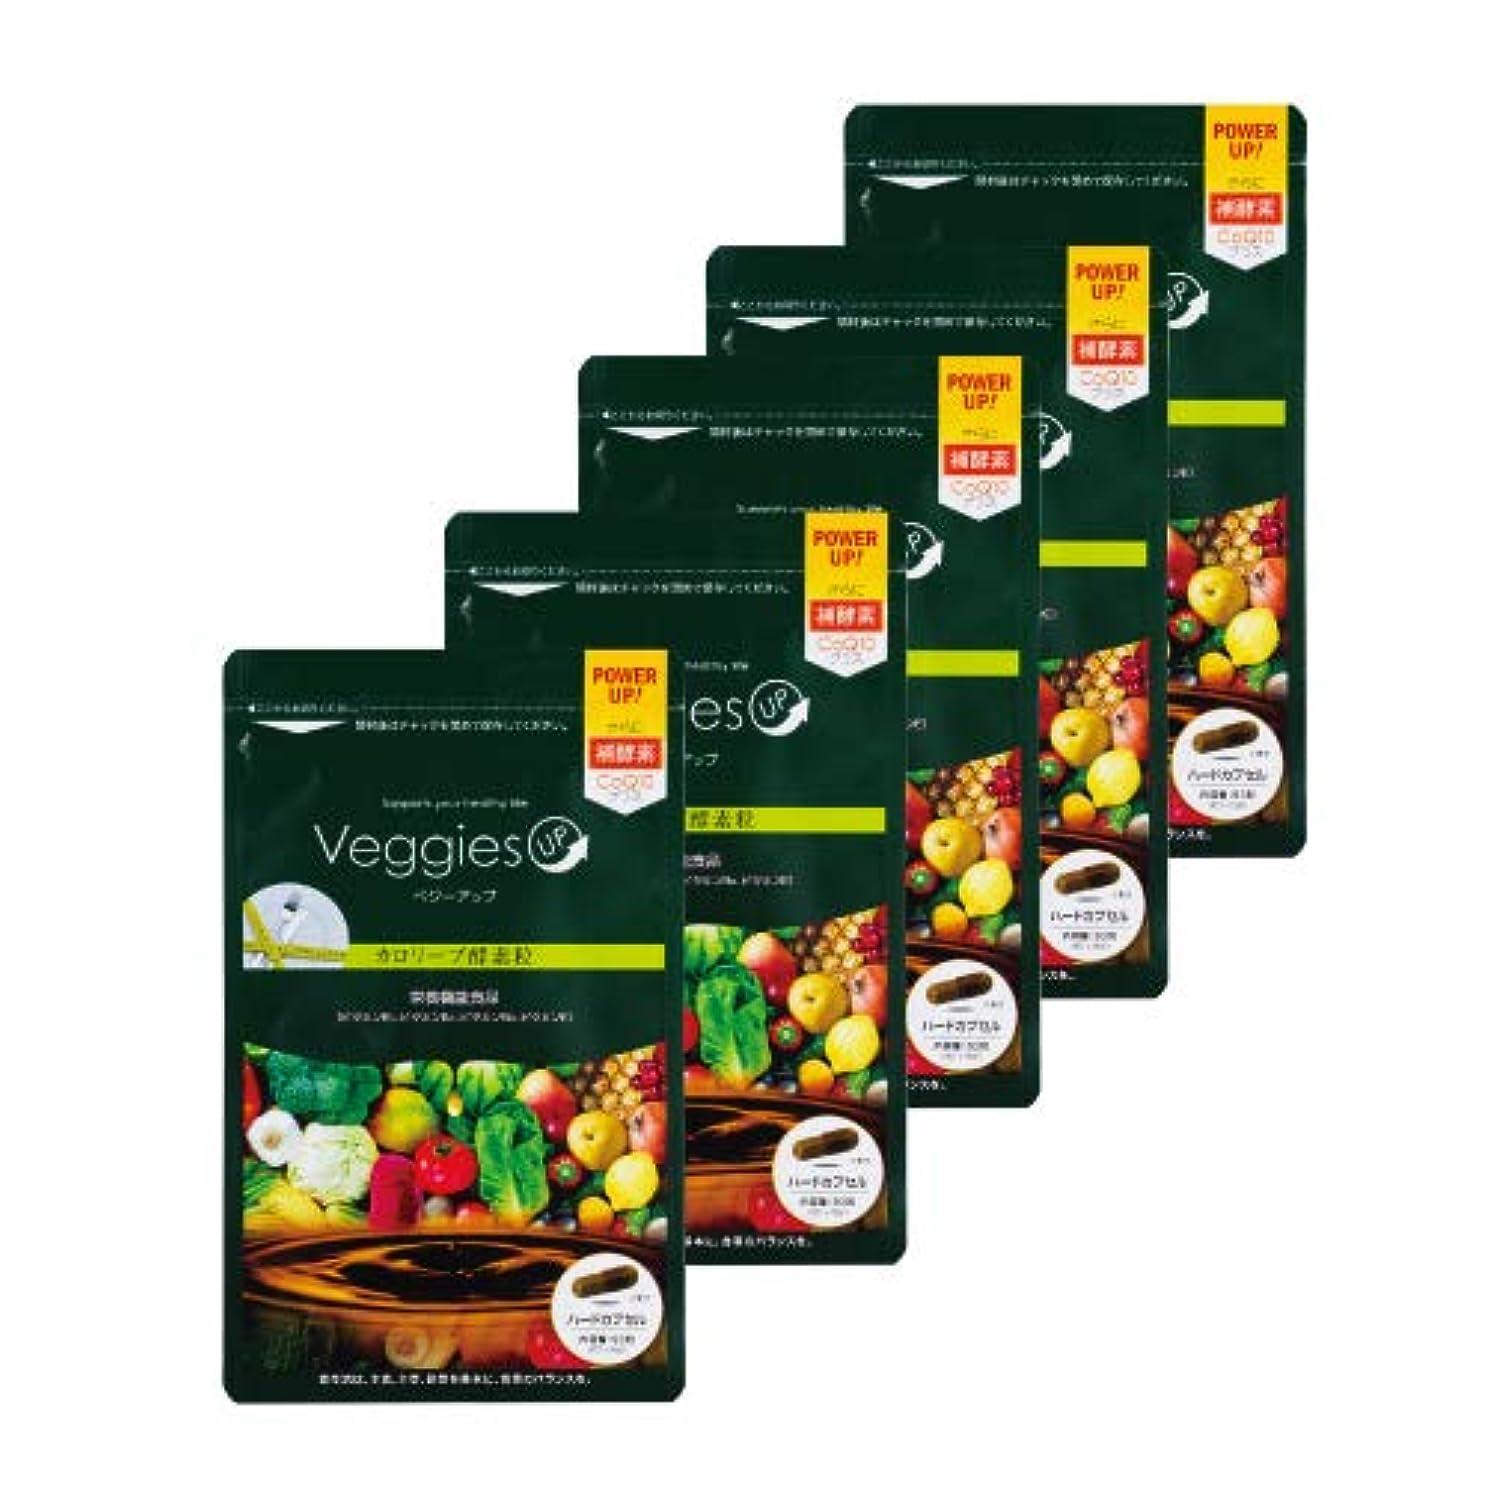 債権者補足種をまくベジーアップ酵素粒カロリーブ 93粒 5袋セット ダイエット 酵素サプリ 酵素ダイエット サラシア コエンザイムQ10 竹炭